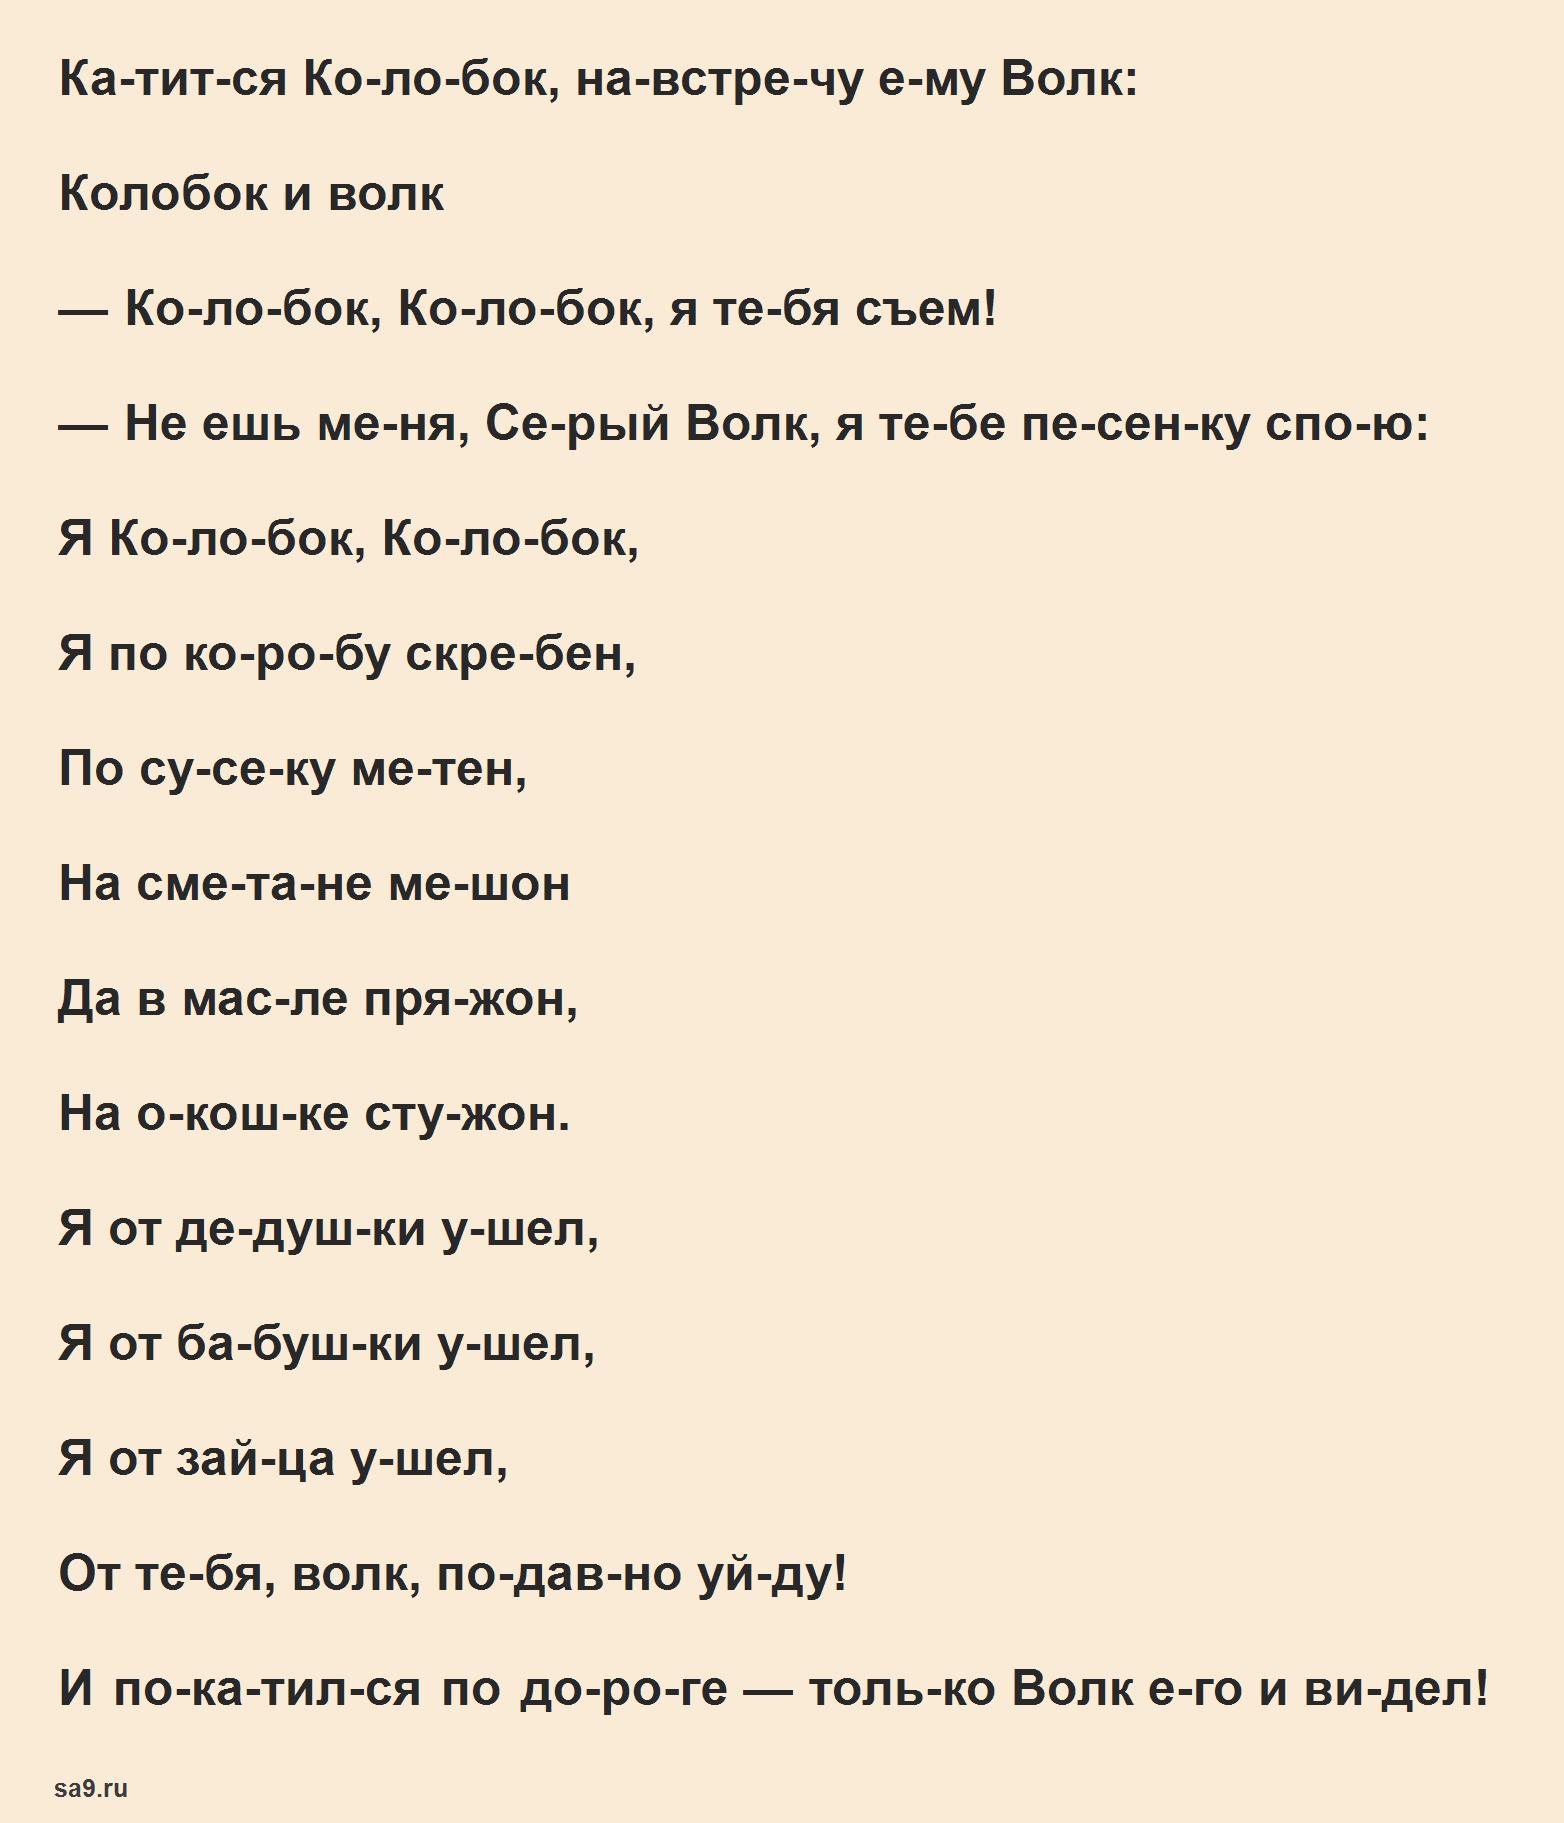 Читаем сказку - Колобок, по слогам